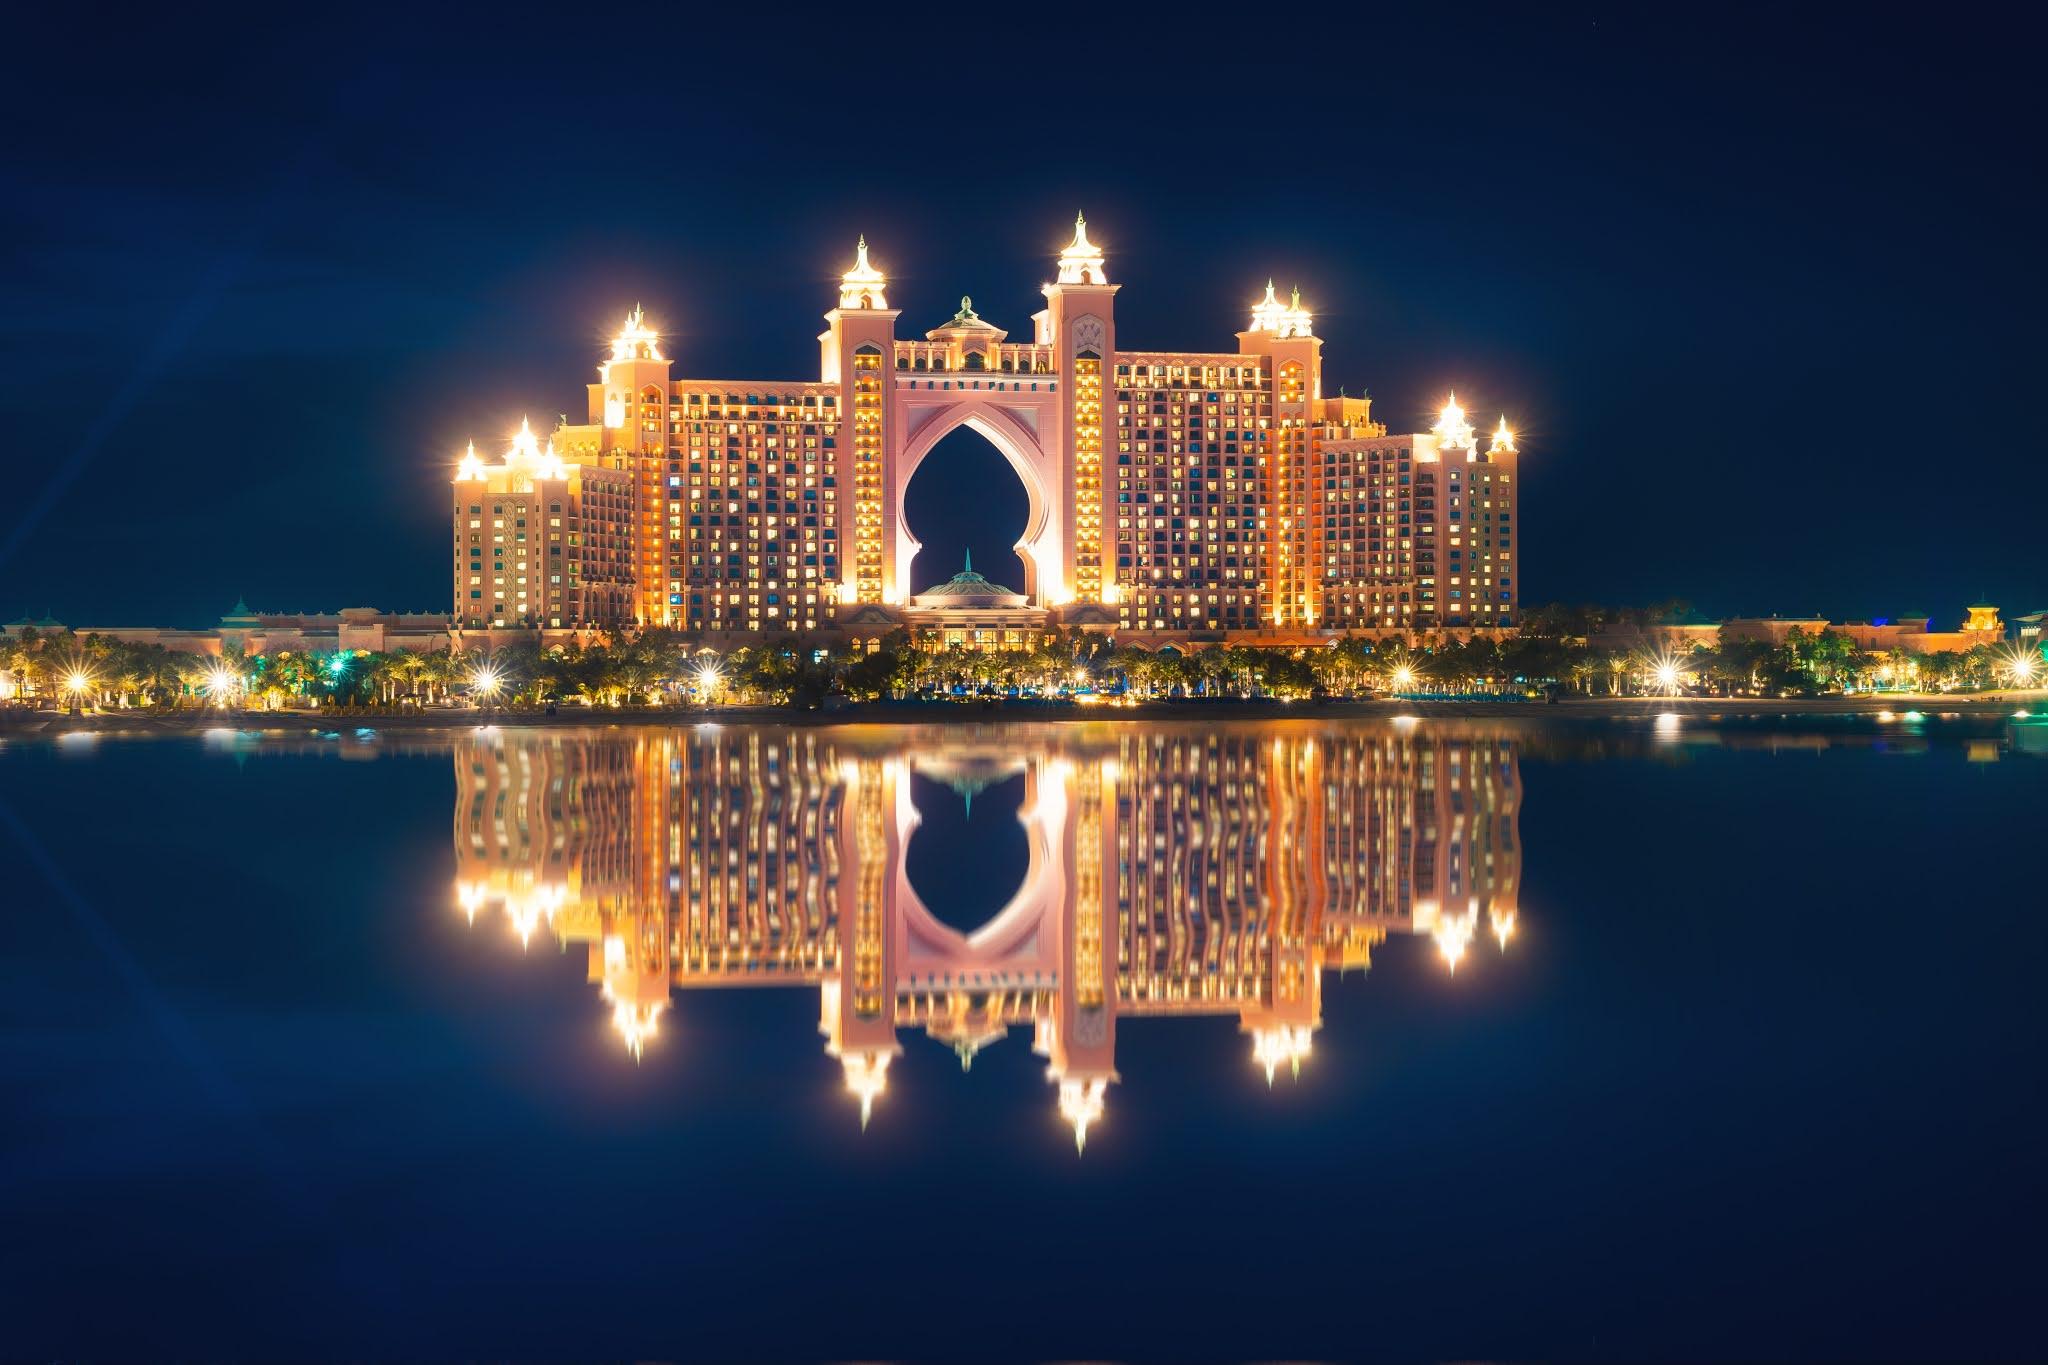 دبي وجهة مميزة لقضاء عطلة عيد الفطر السعيد